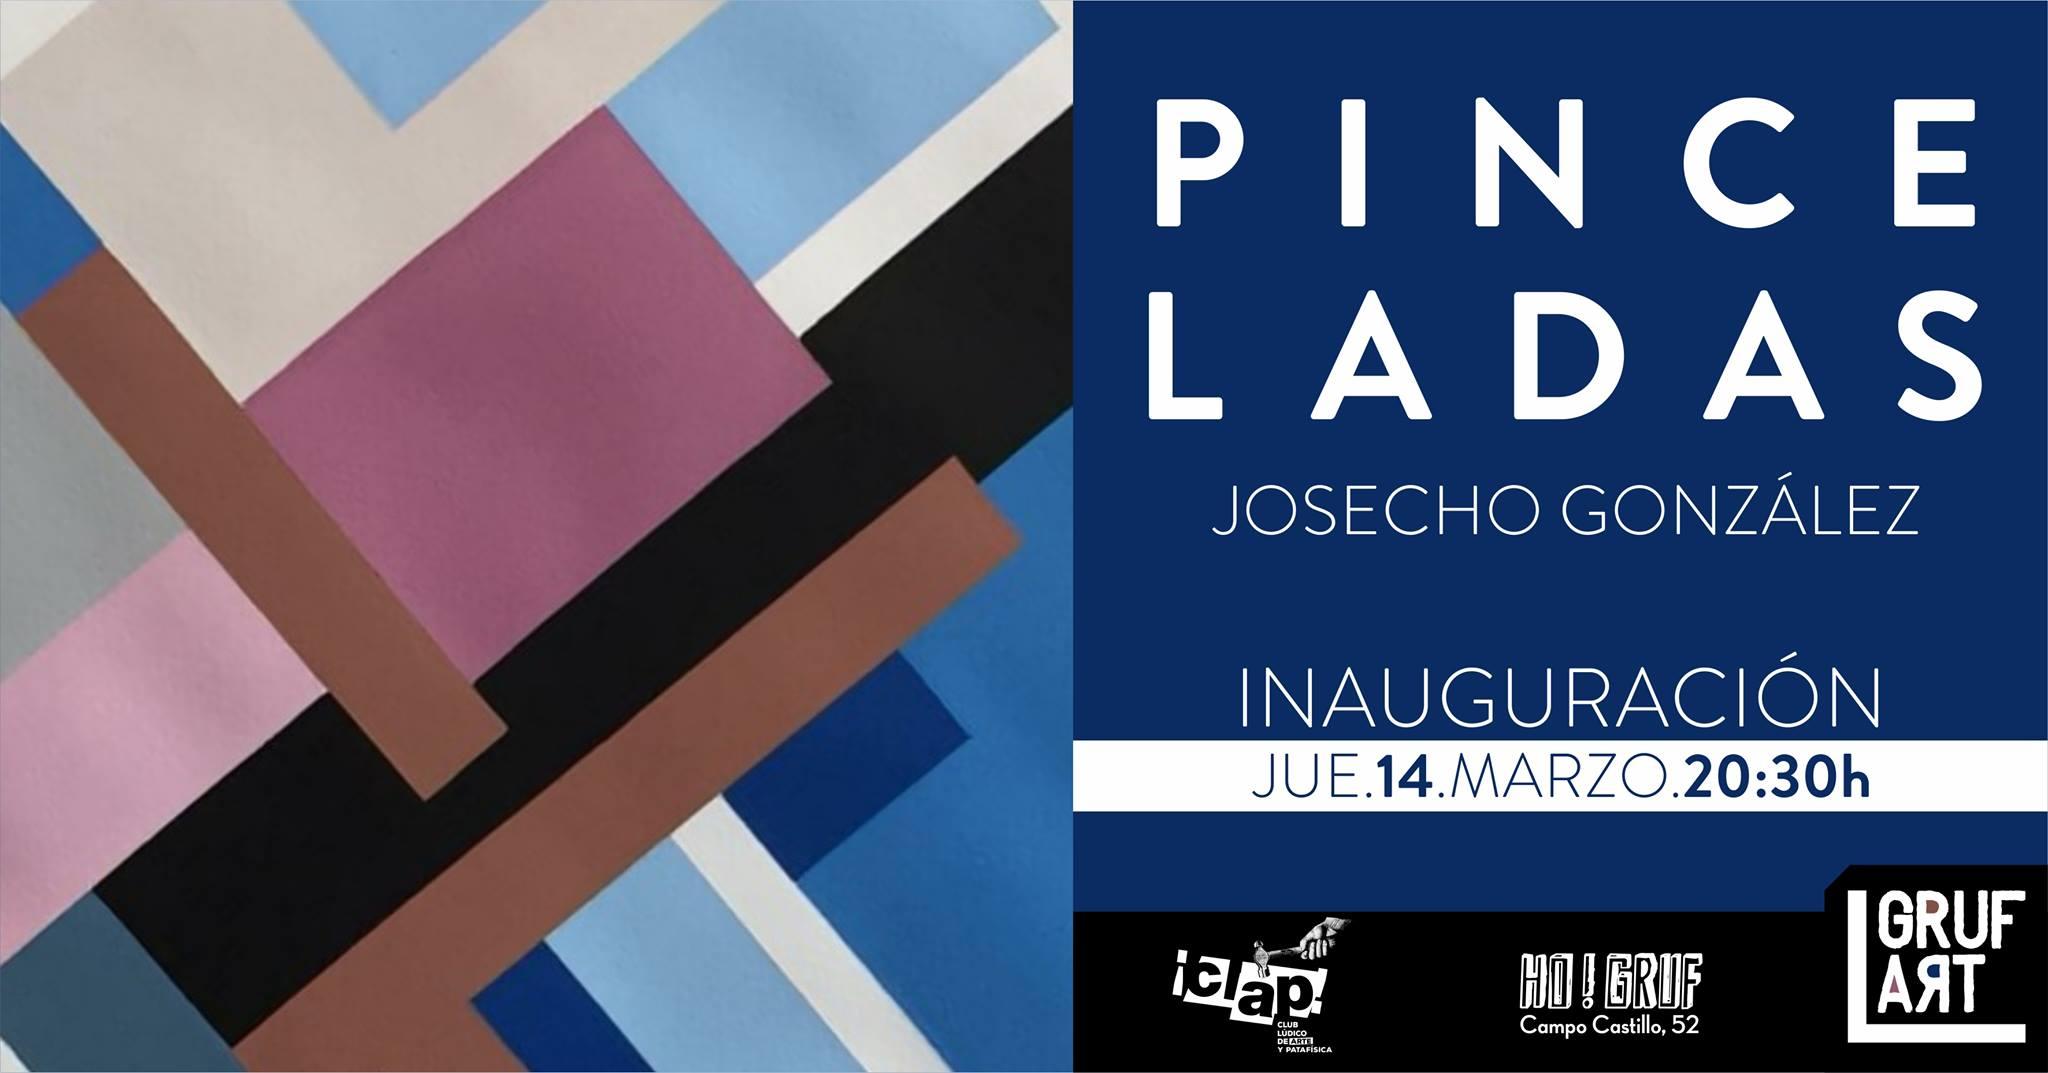 """Inauguración de exposición: """"Pinceladas"""" por Josecho González"""